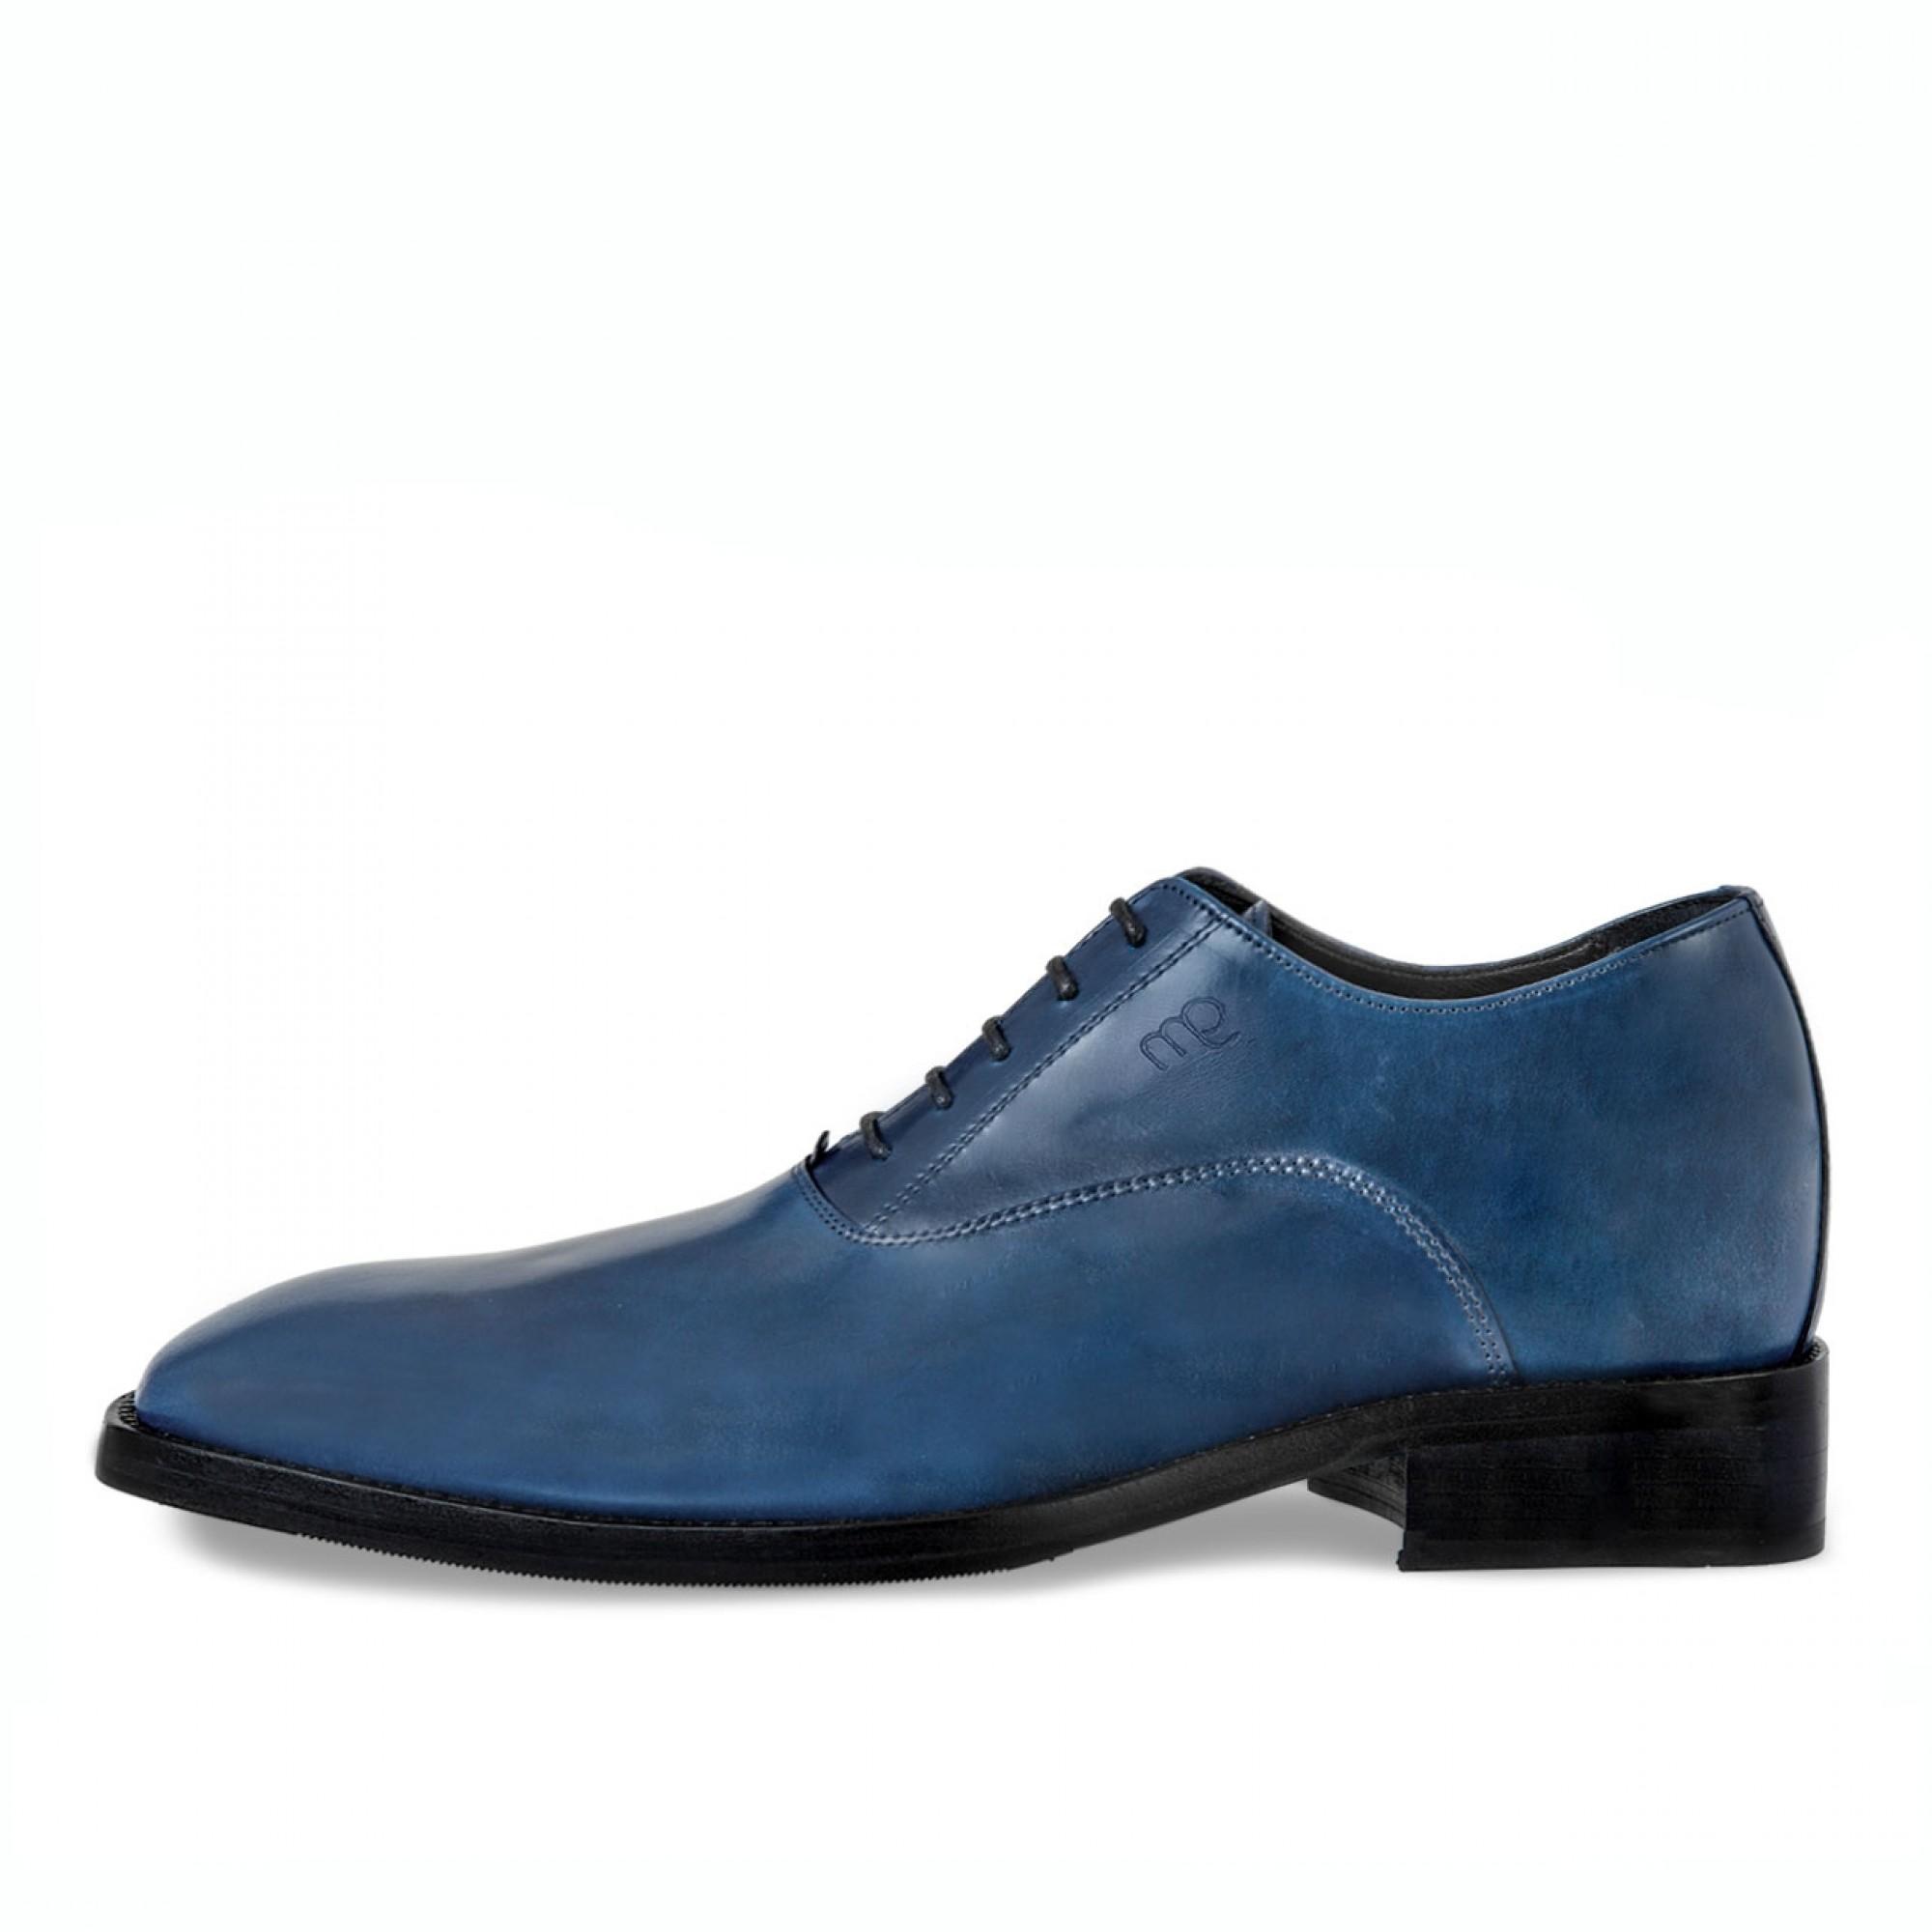 scarpe con rialzo shell cordovan